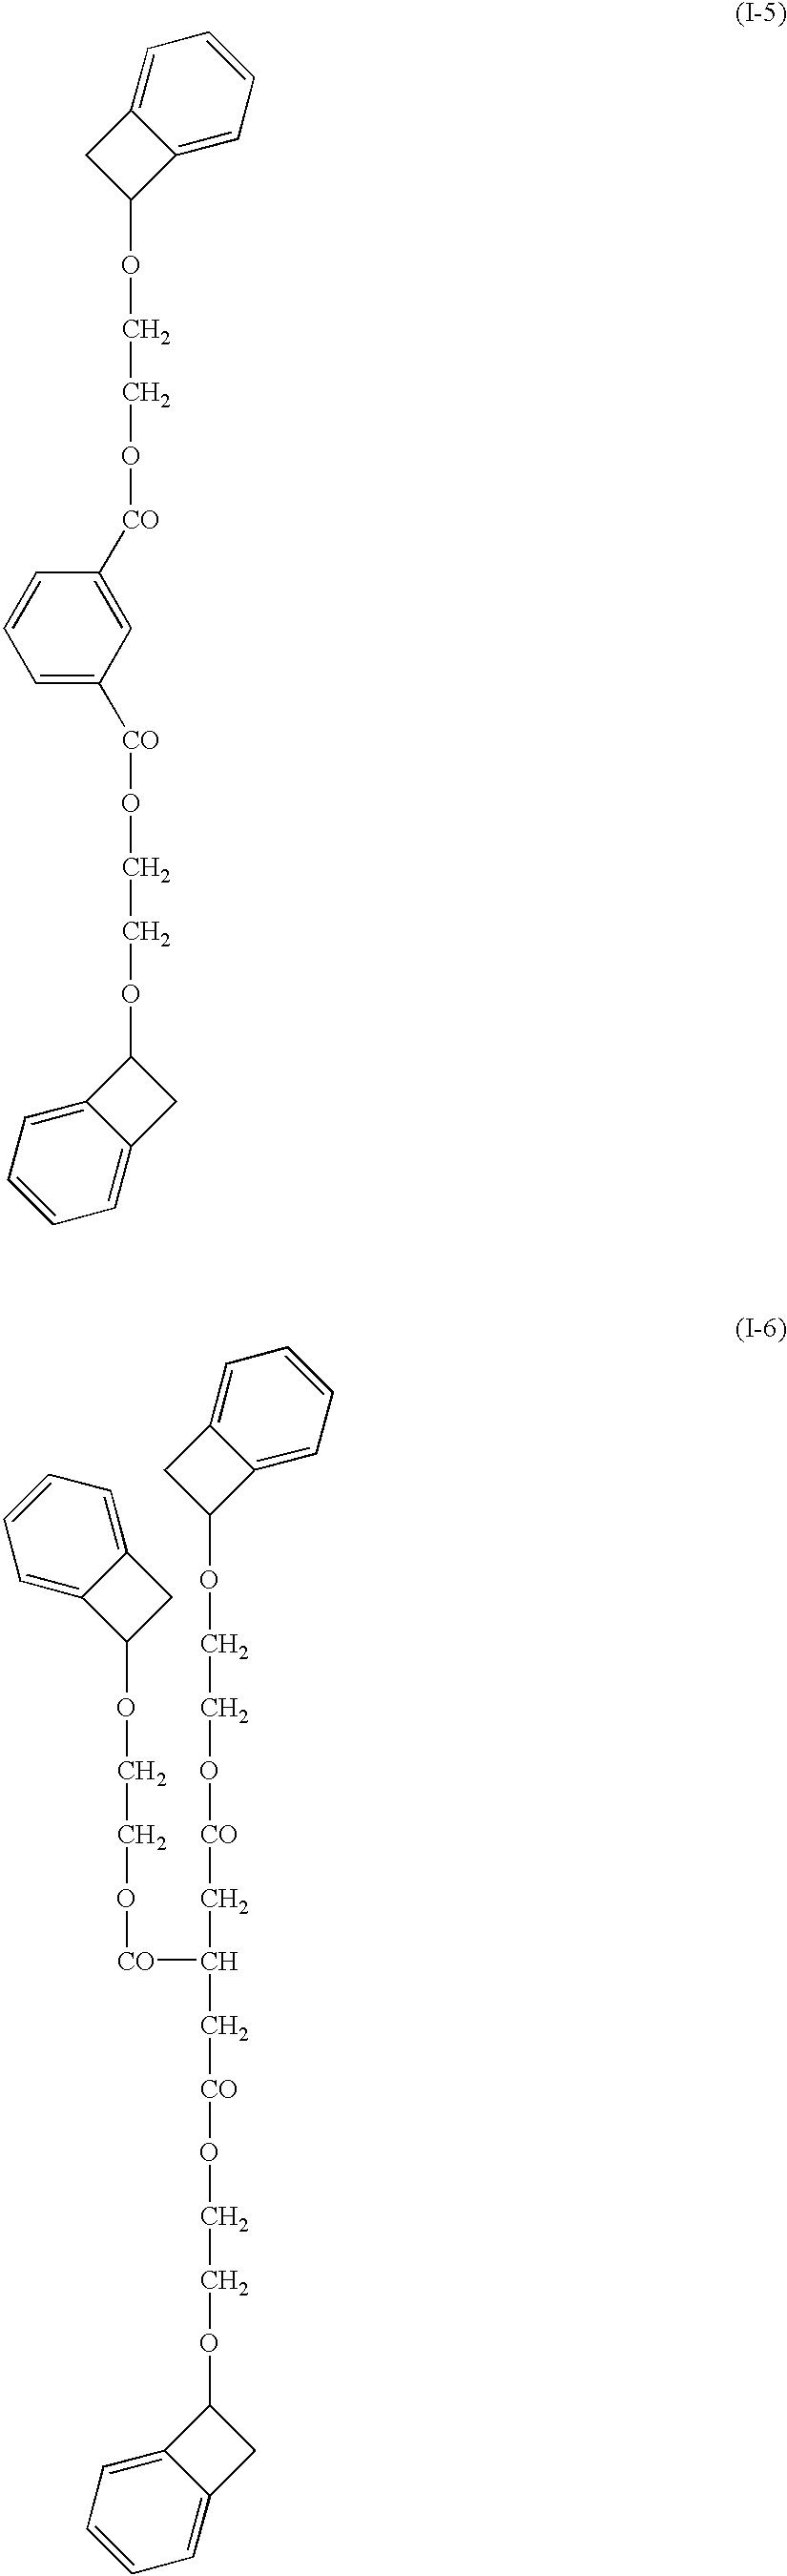 Figure US20030165778A1-20030904-C00008